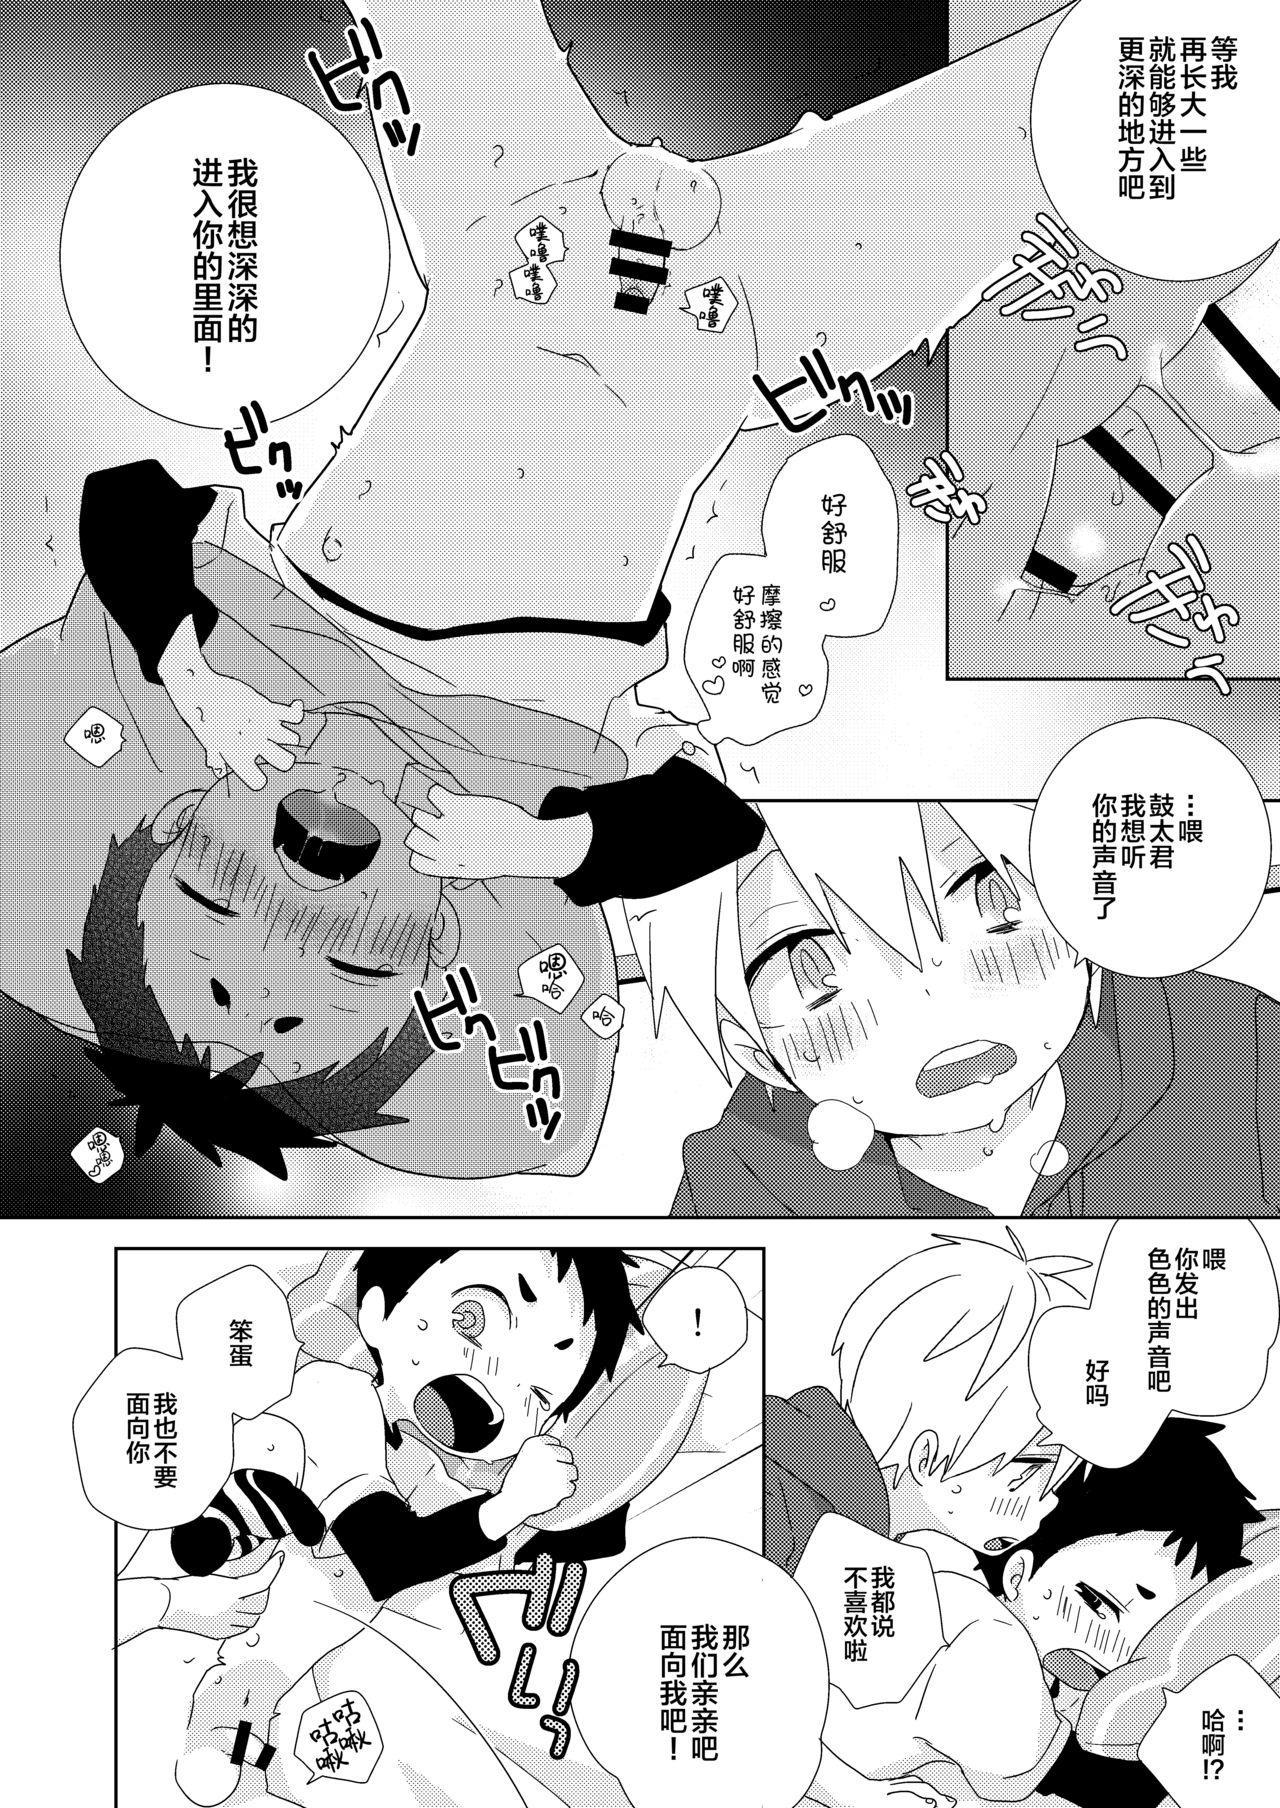 Kota-kun Ecchi Shiyo! 18